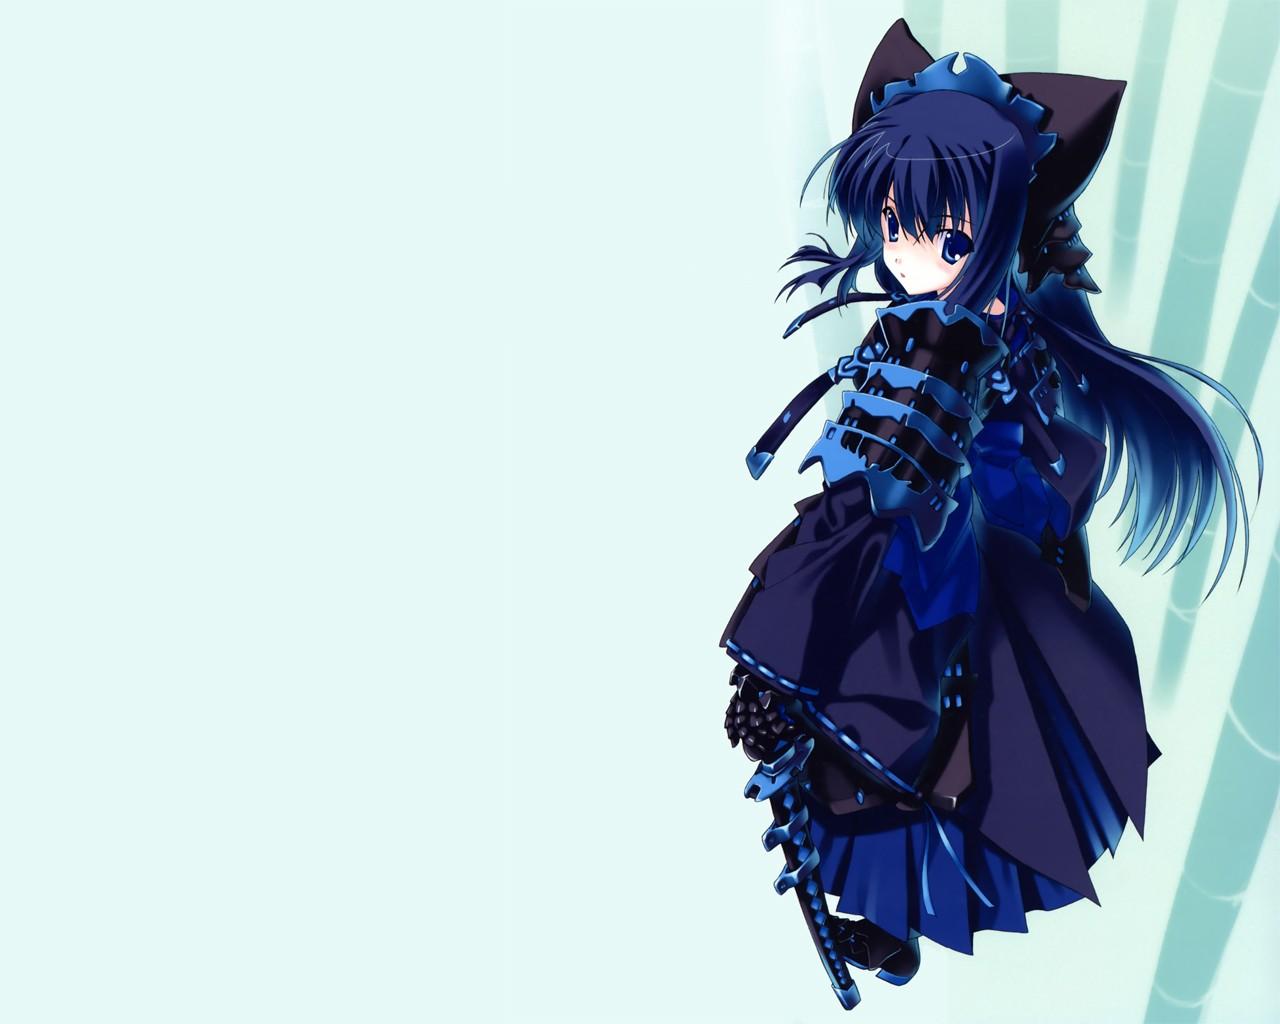 Anime wallpapers pack 95 - Anime blue girl wallpaper ...